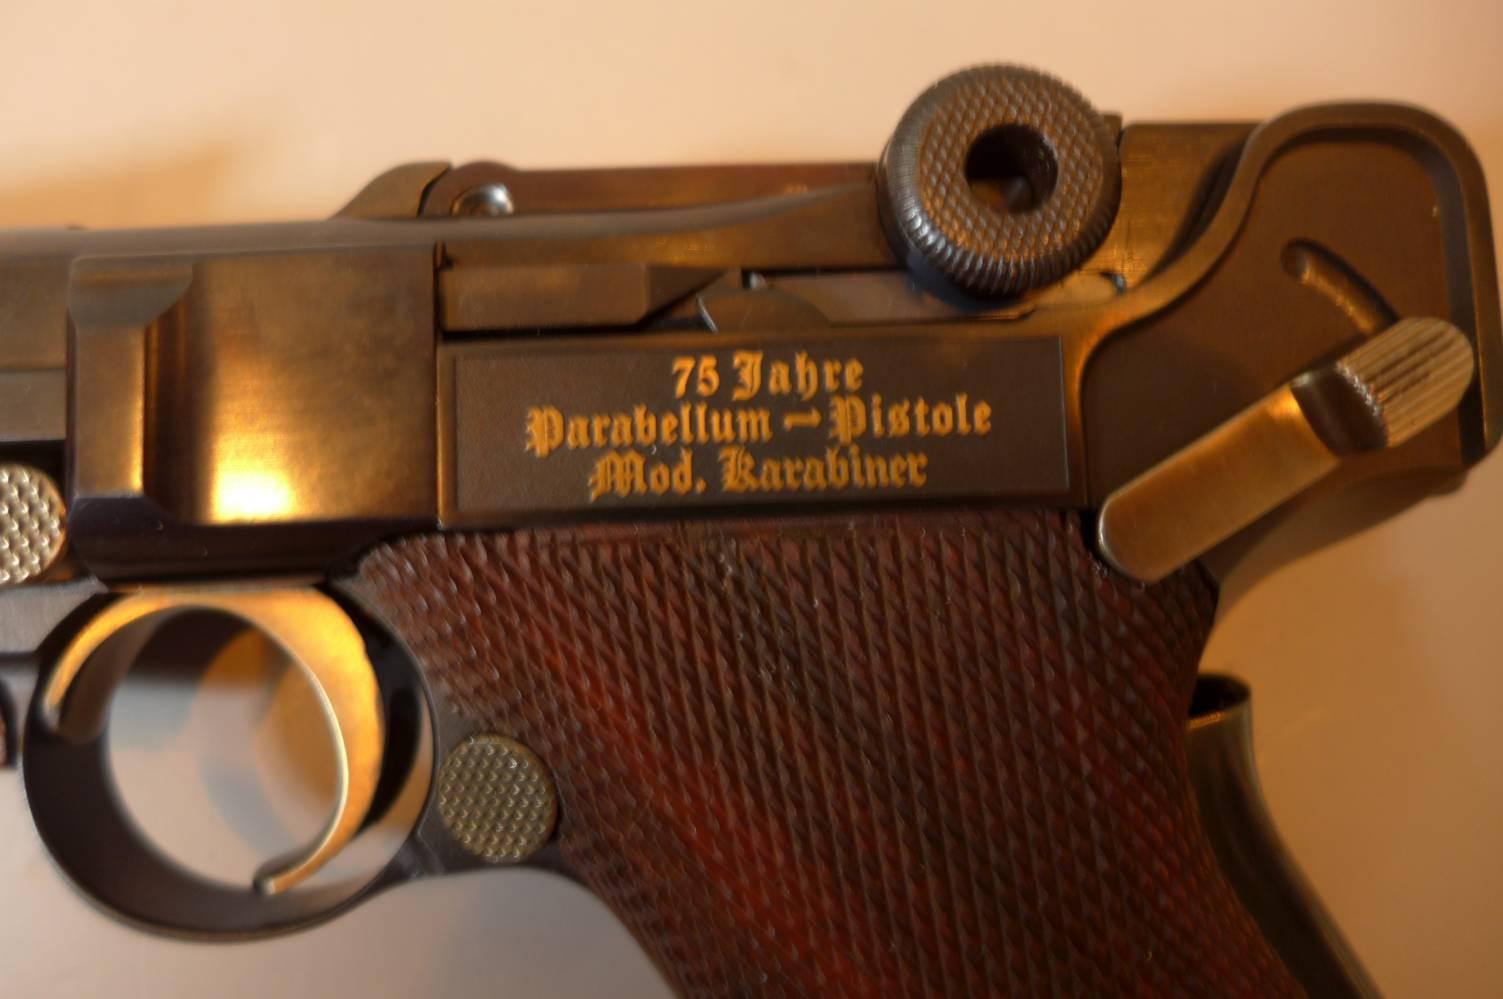 Seriennummer mit Pistole datiert